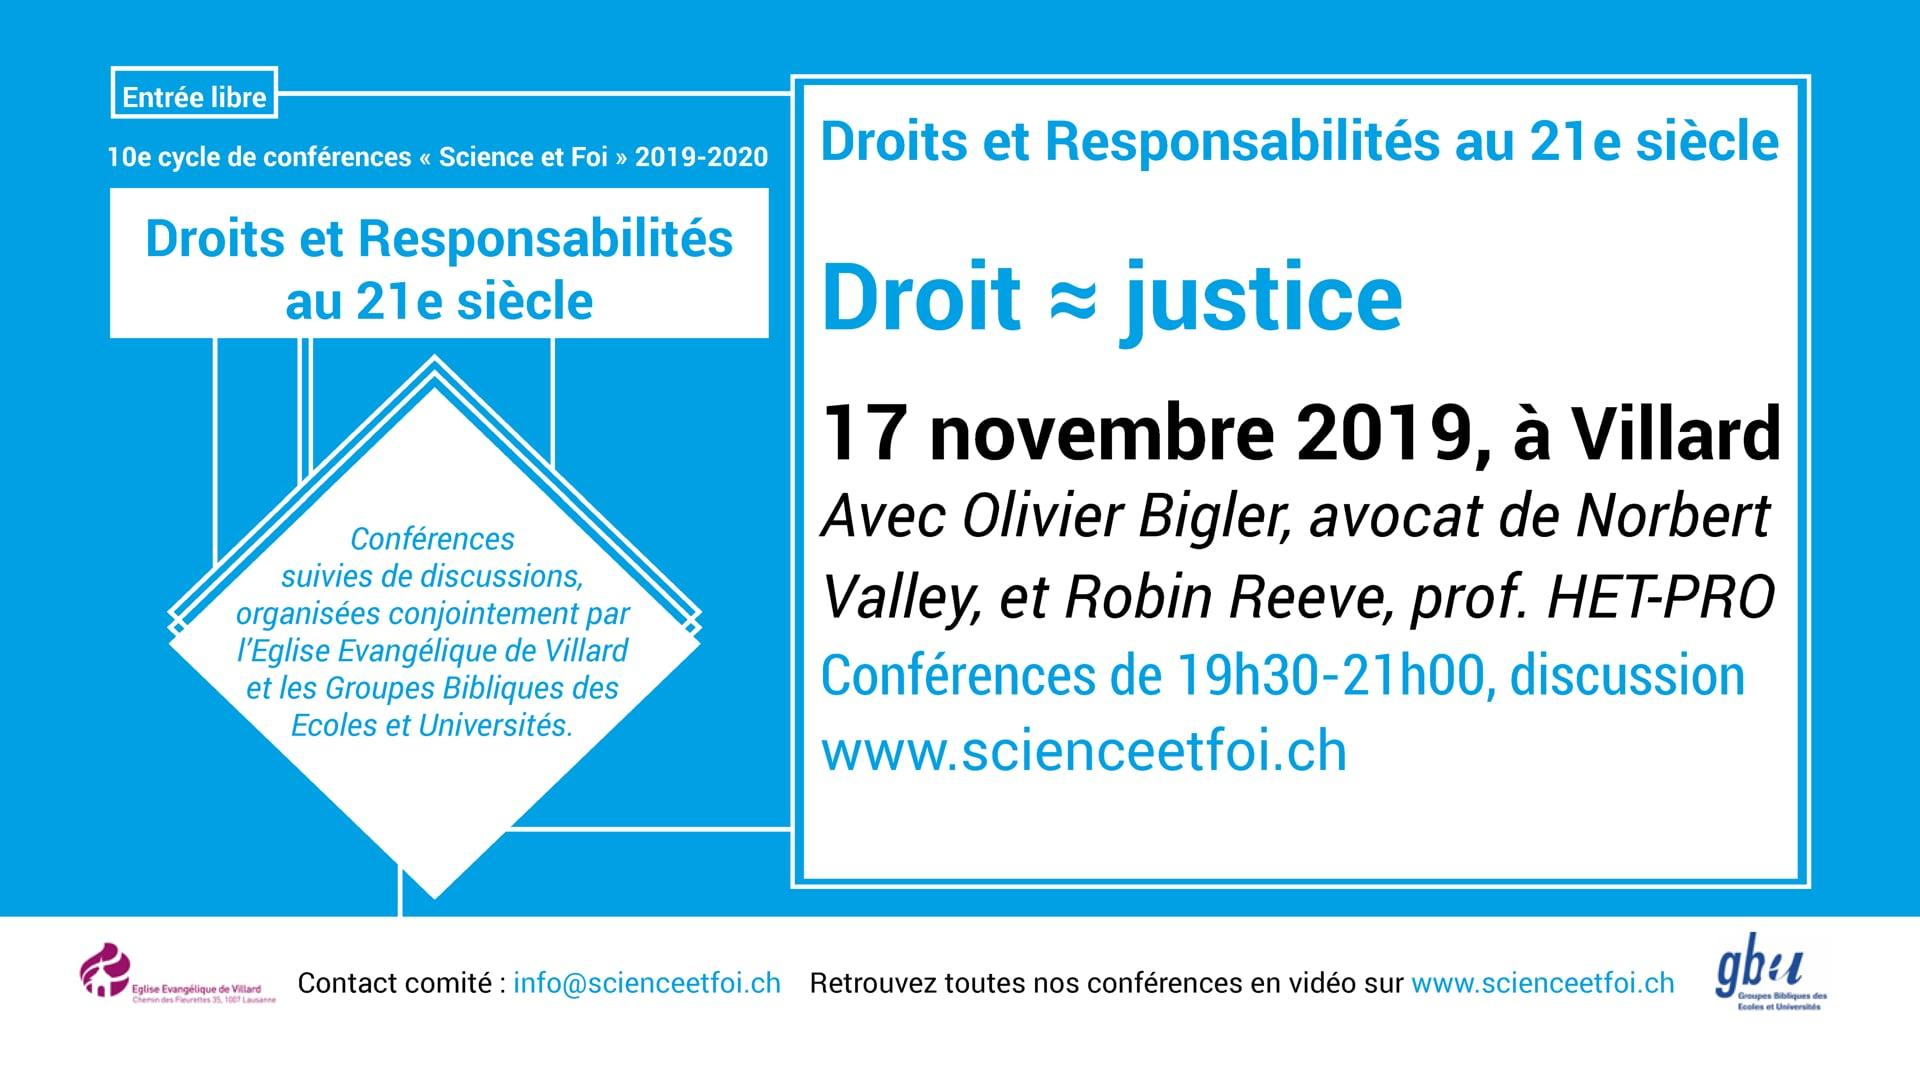 Droit = Justice? 17.11.19